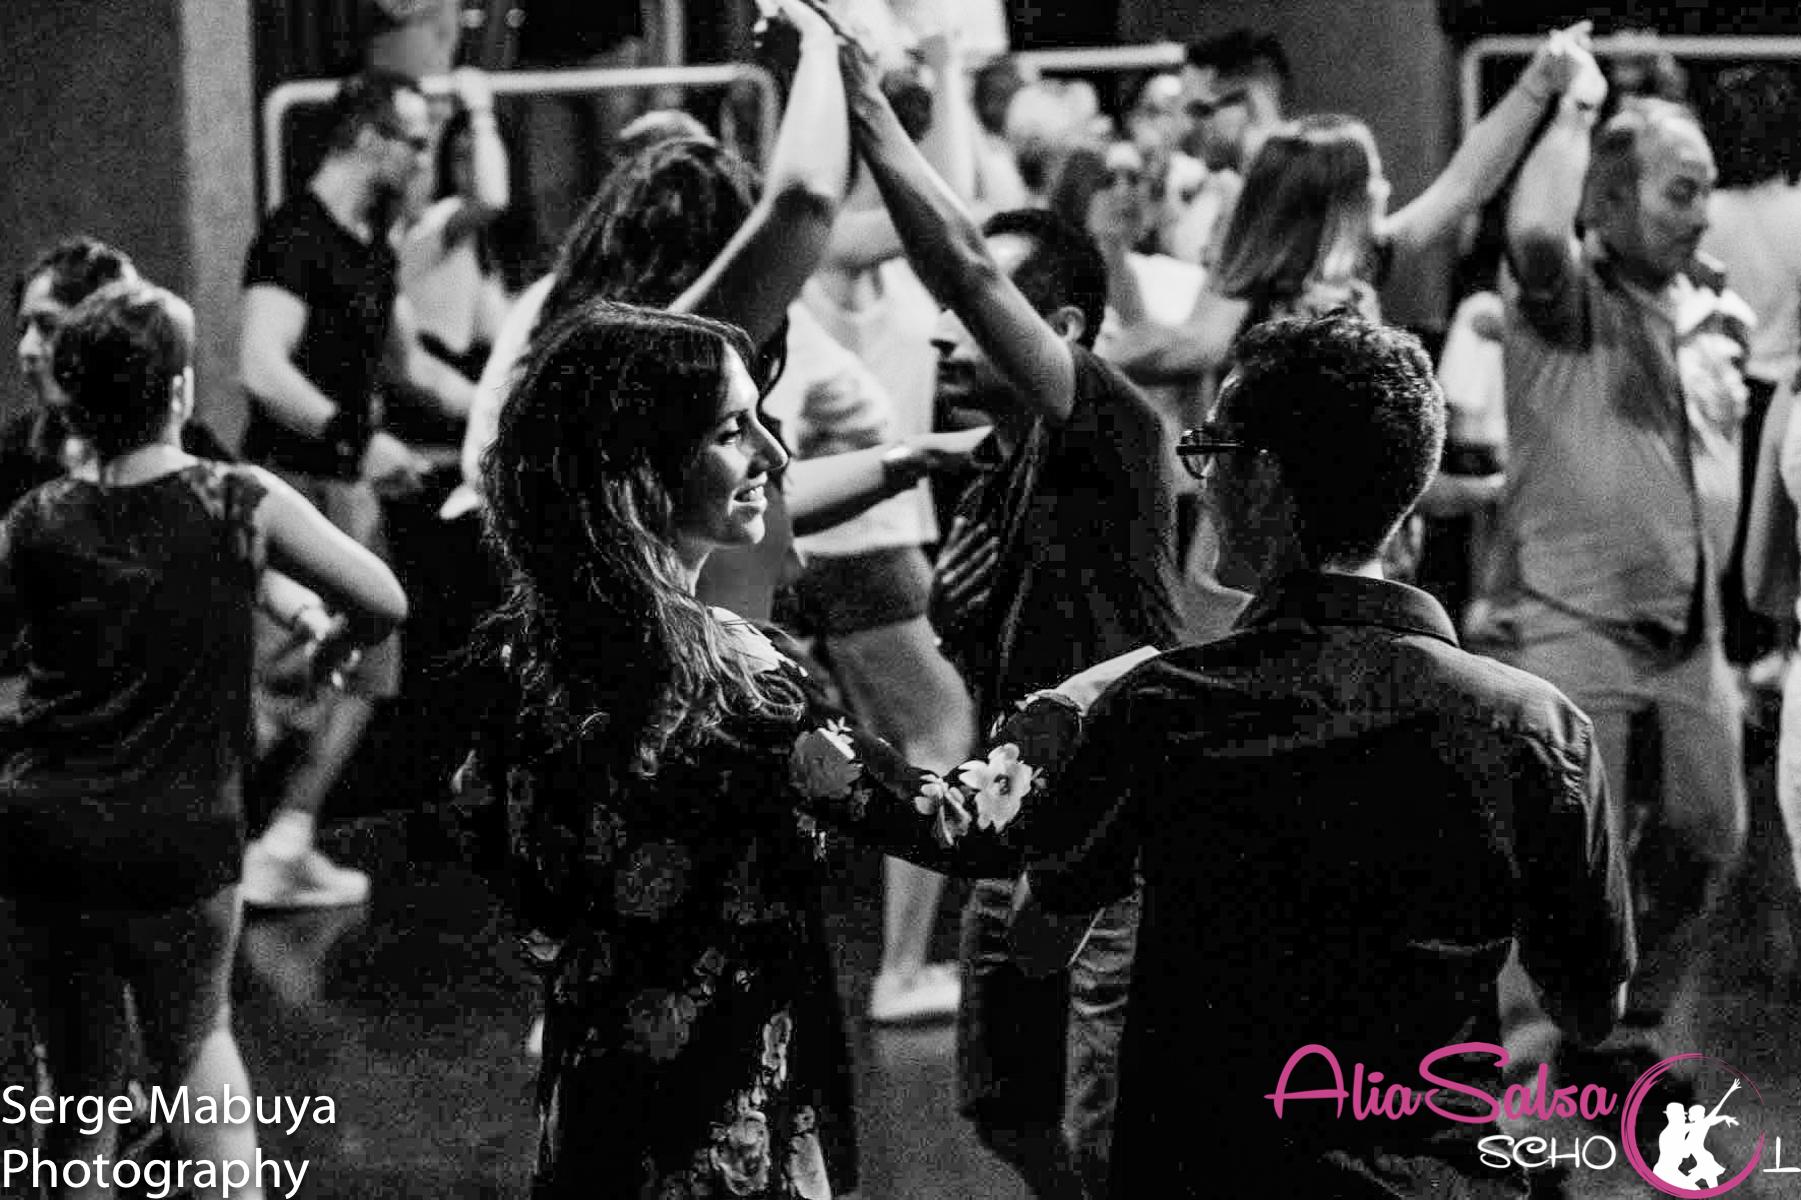 ecole de danse salsa bachata enfant adulte lausanne aliasalsa school lausanneIMG_9966